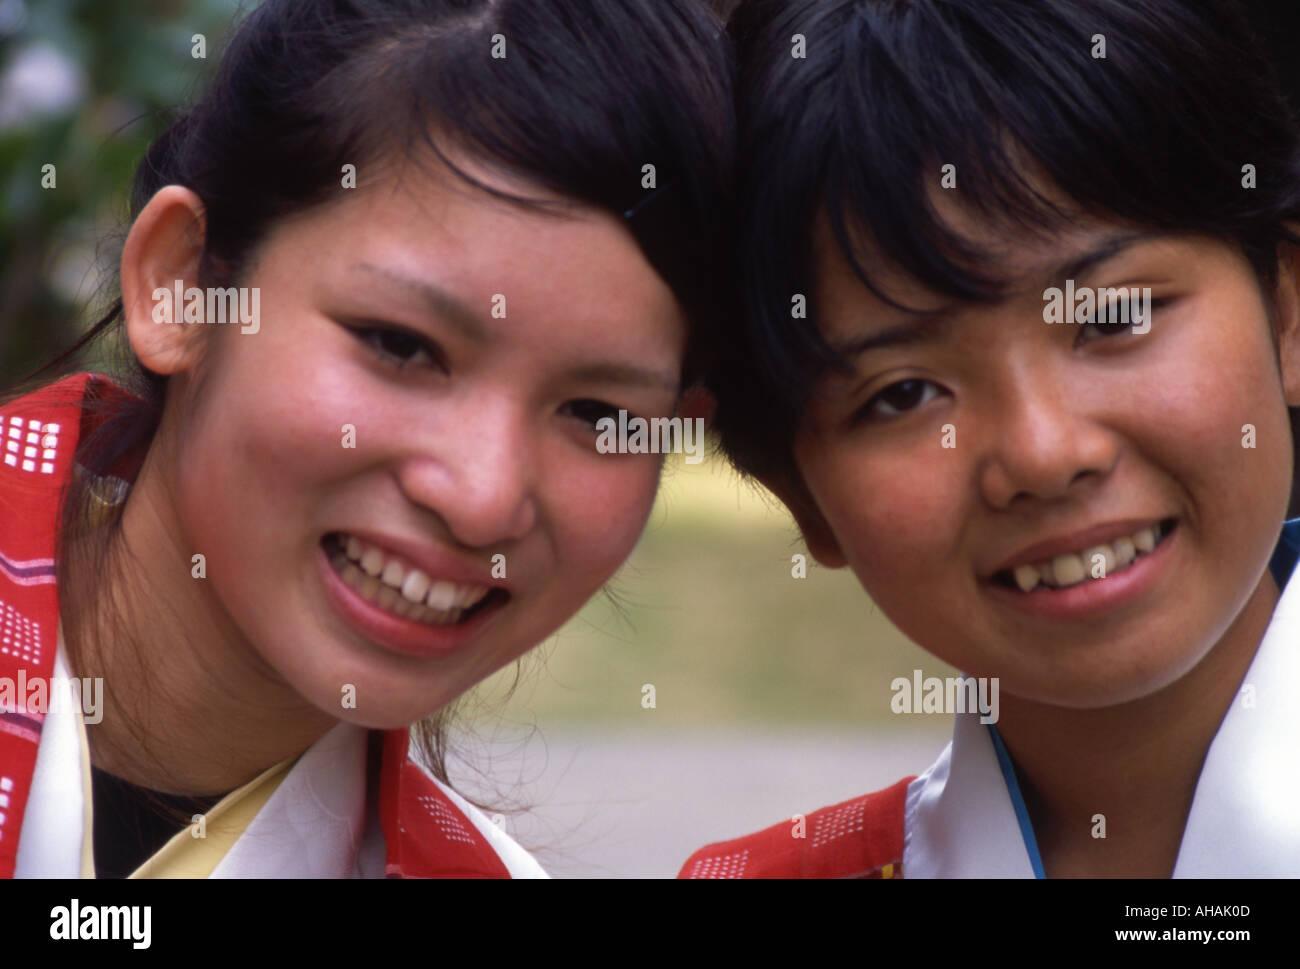 okinawan girls in festival costume at eisa festival stock photo